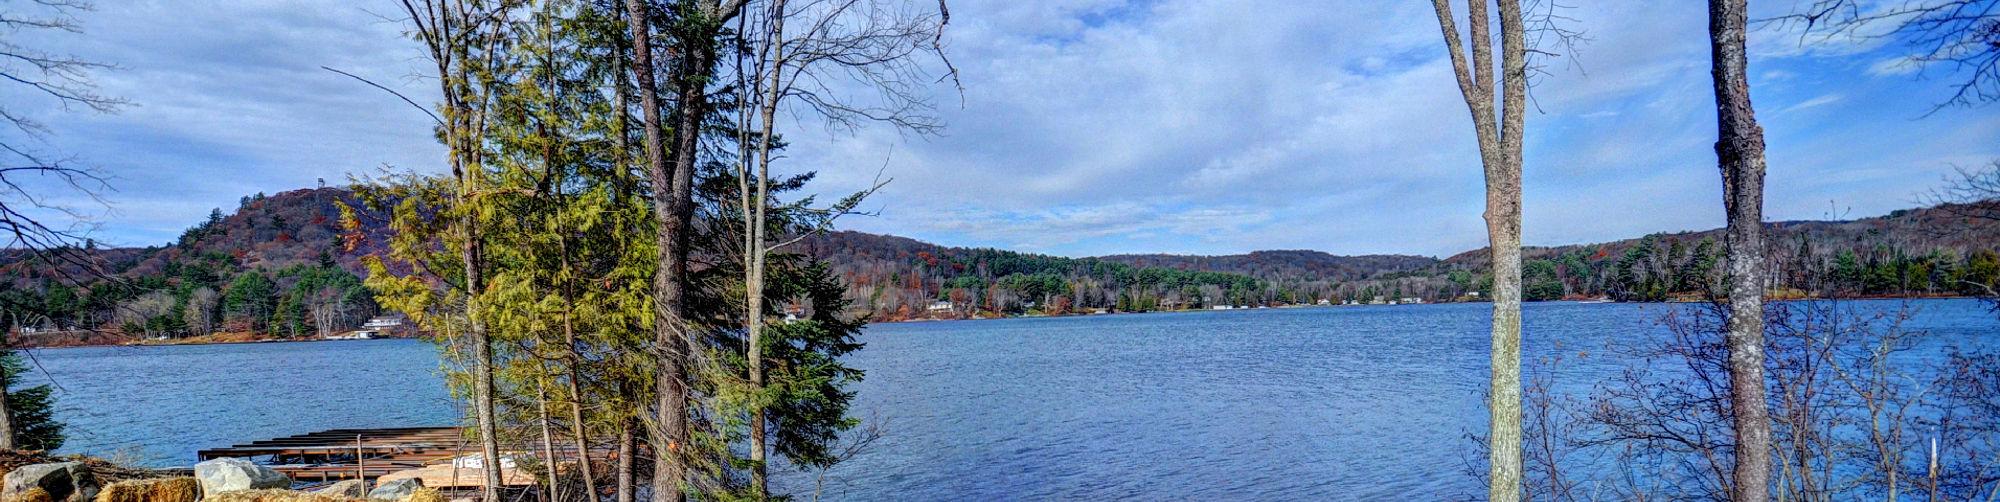 Lake of Bays Real Estate